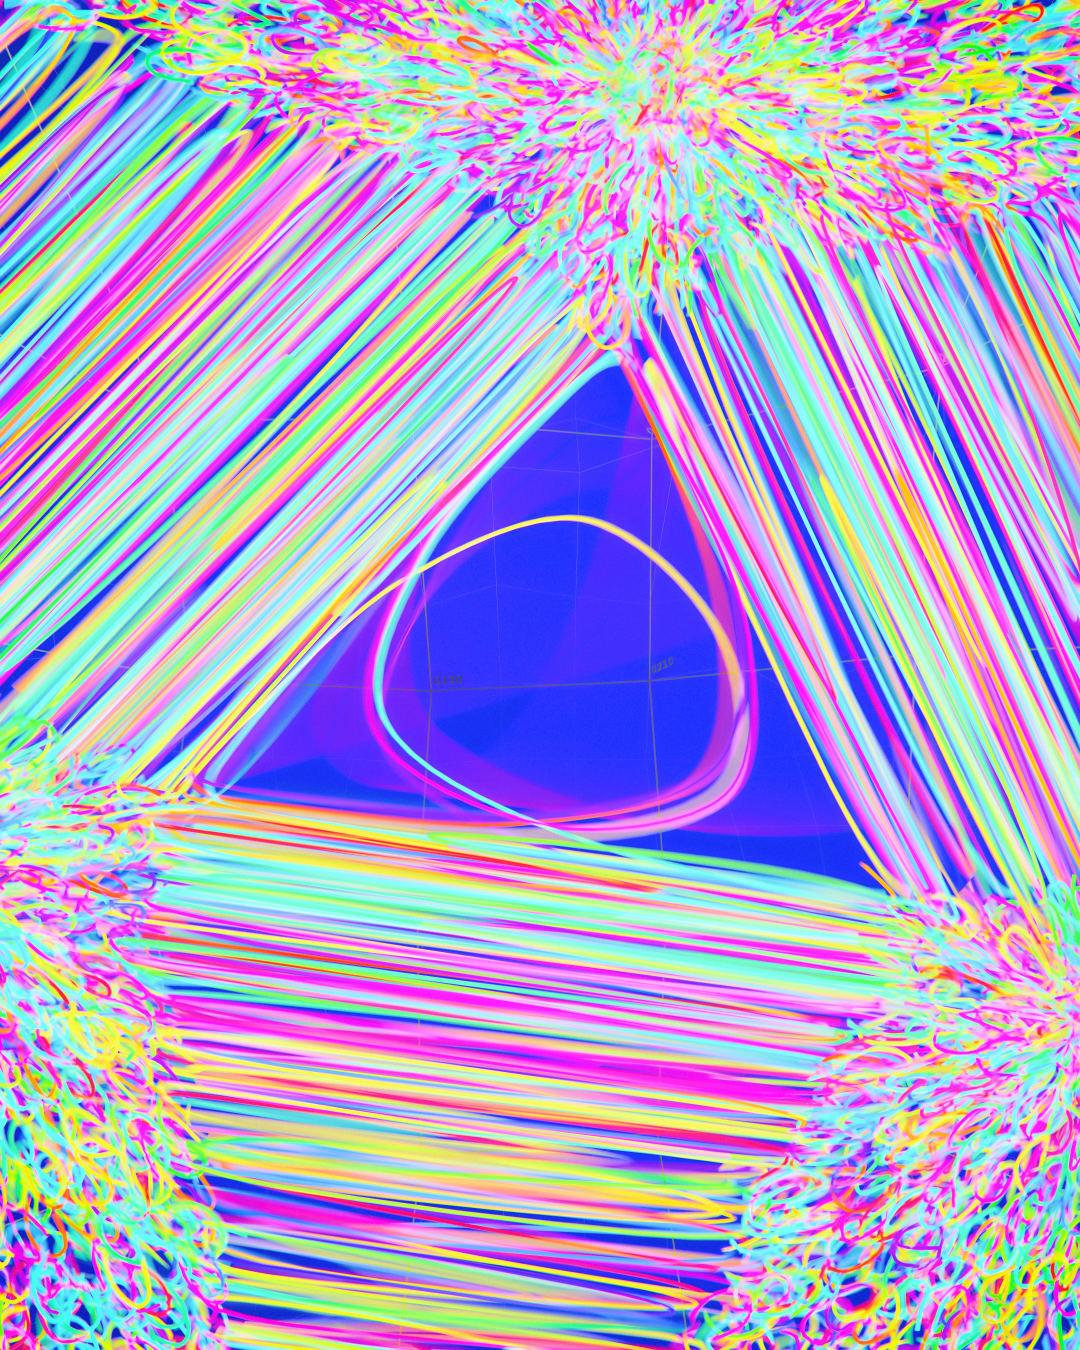 fakenewstudio_spin_fields_a_02